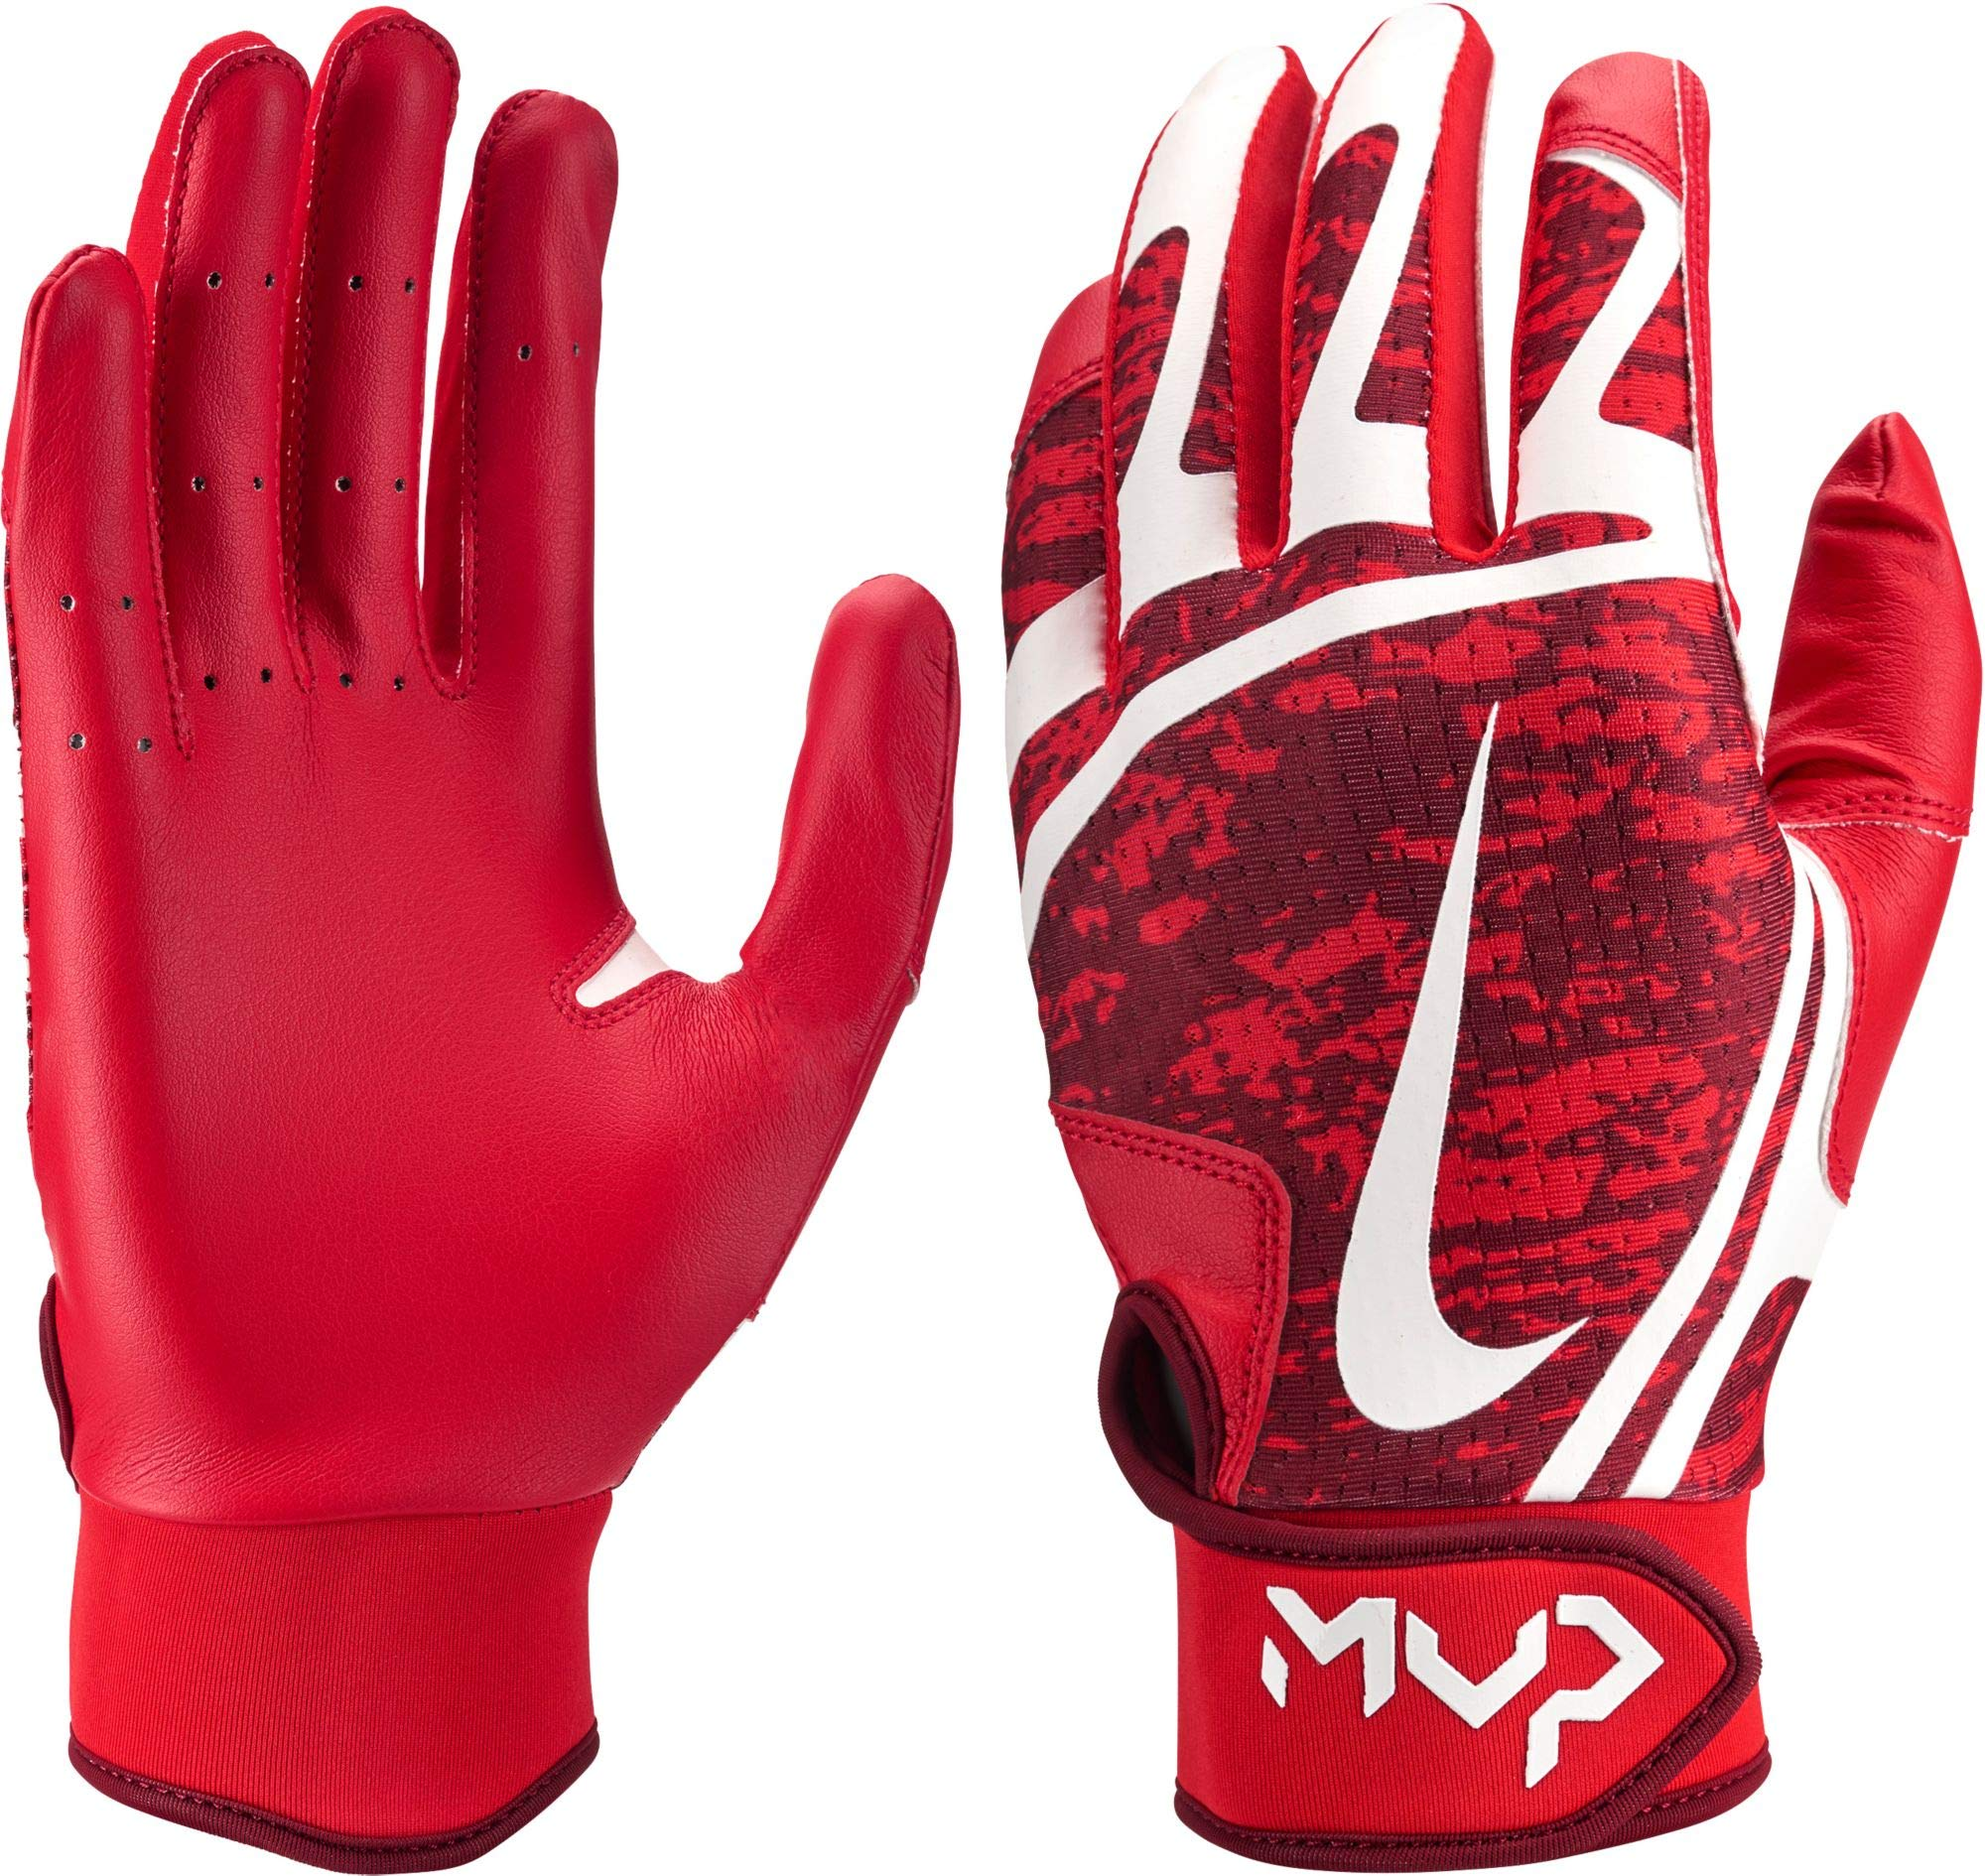 Nike Women's Hyperdiamond Edge Batting Gloves 2019 (Red/White, Small) by Nike (Image #1)